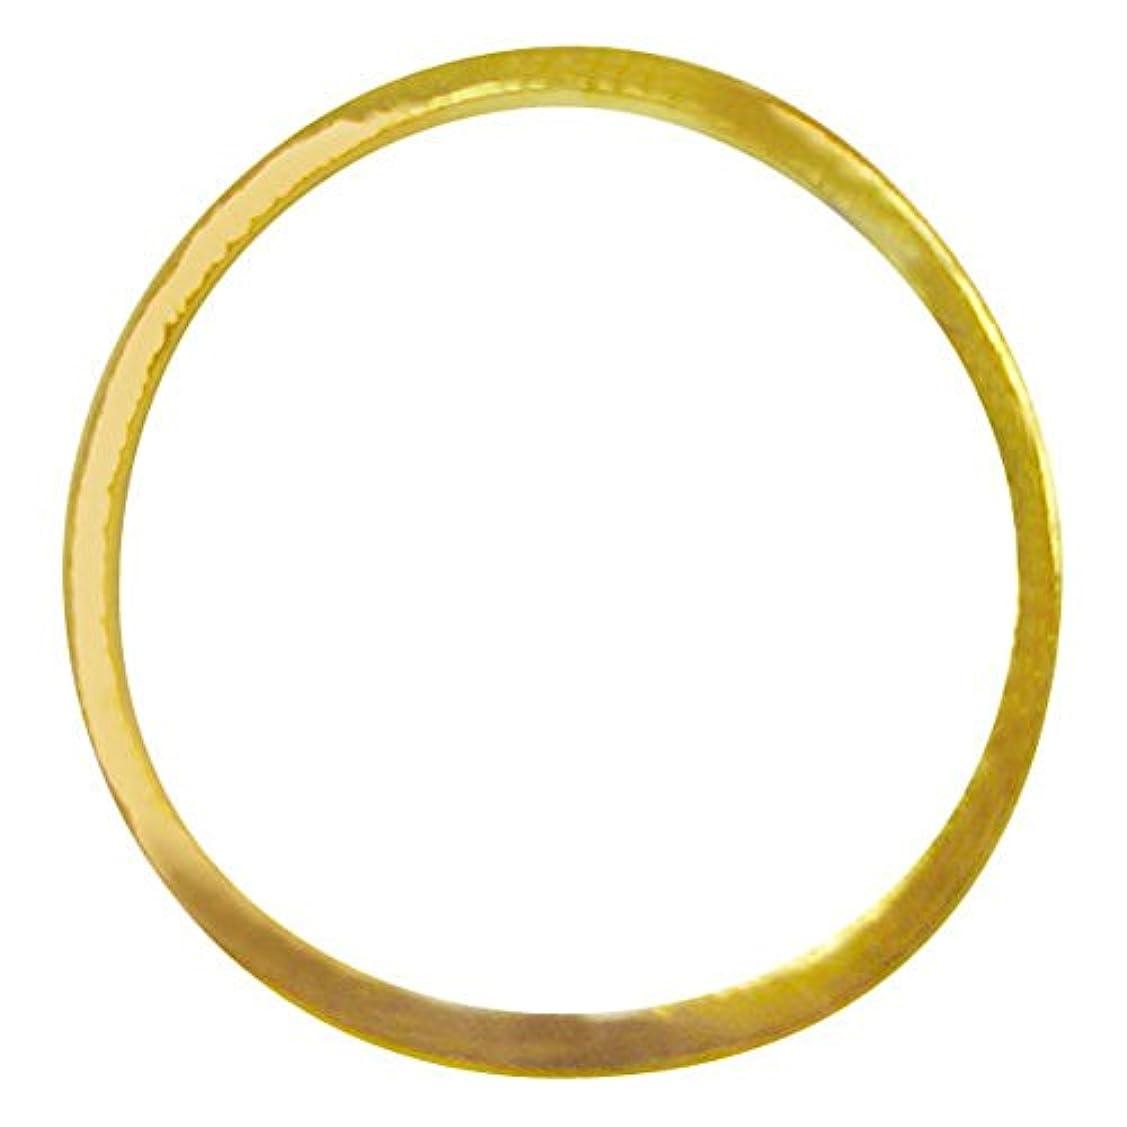 悪意のあるレジデンス変わるジェルネイル  サンシャインベビー シンプル ラウンドフレームL(ゴールド) 10P